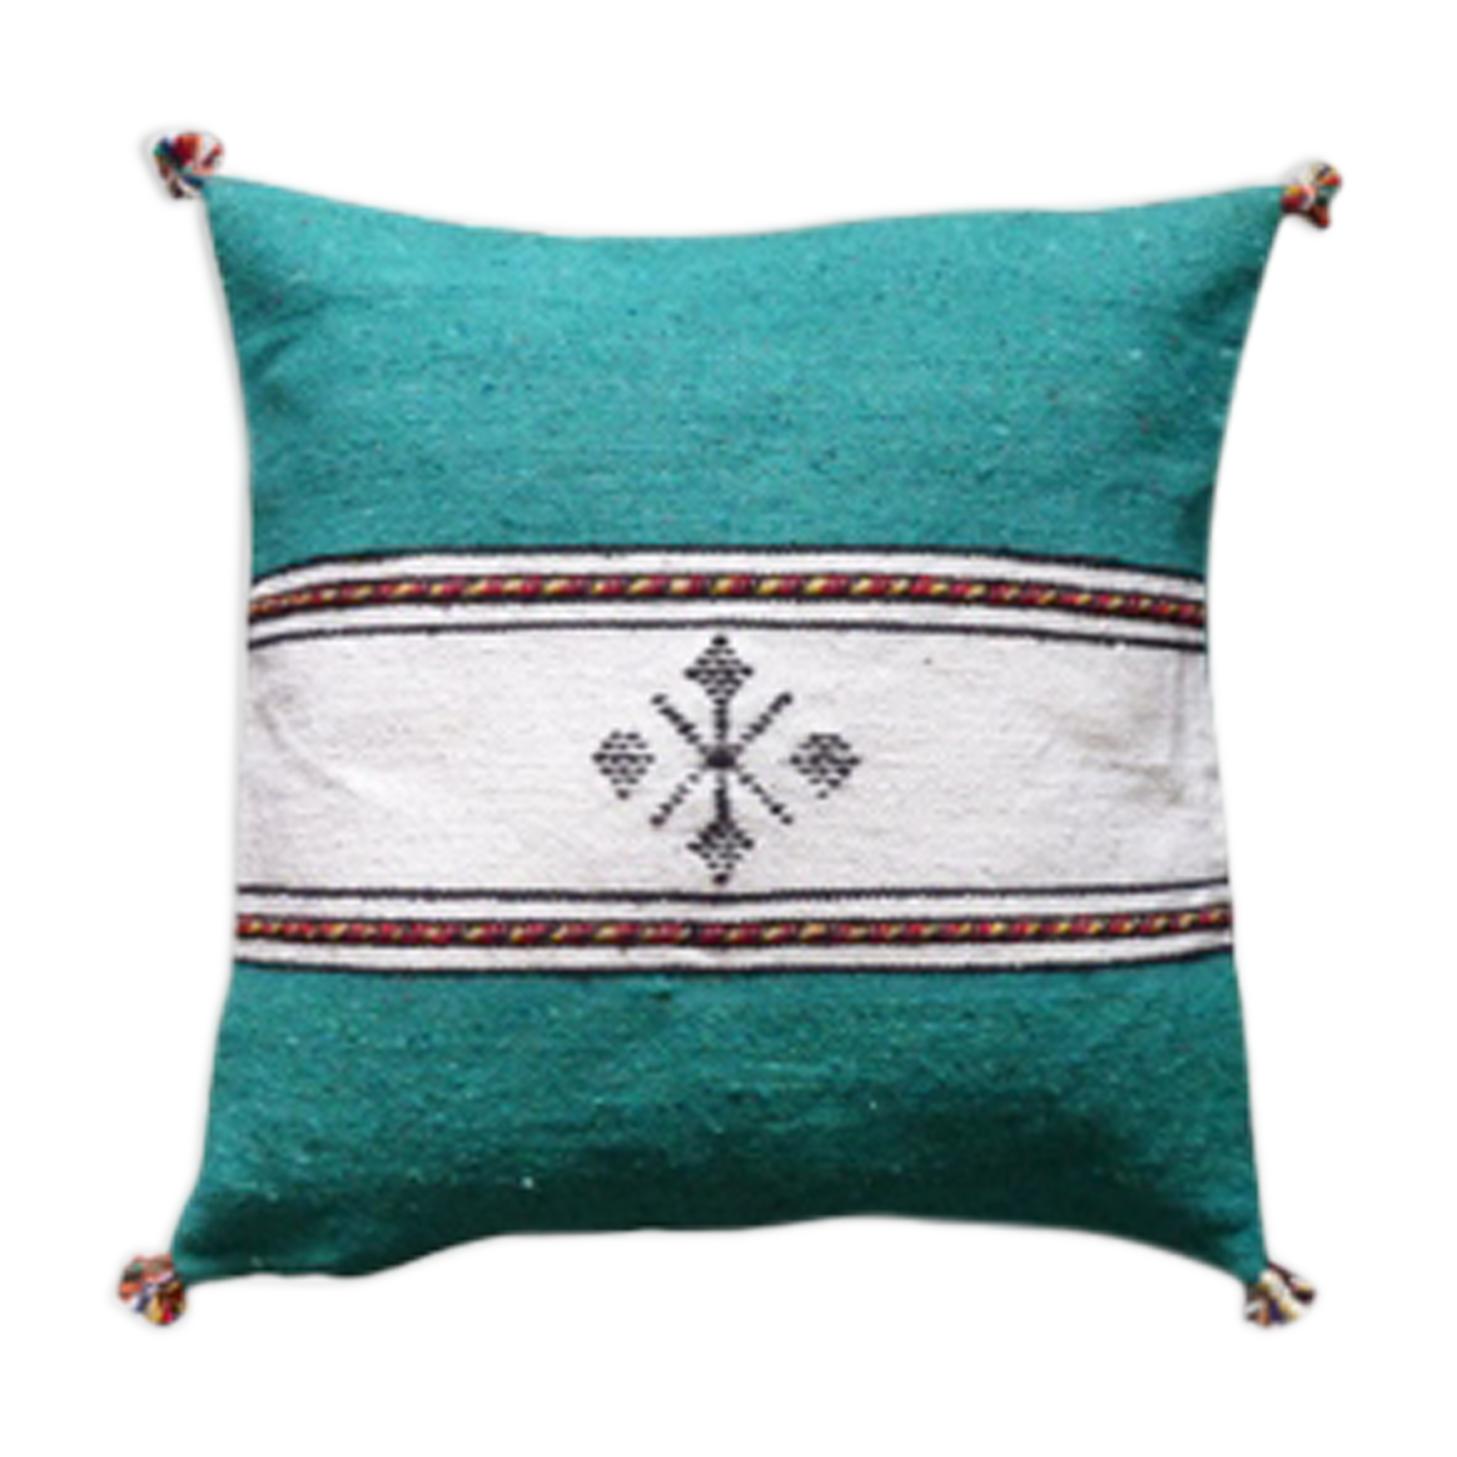 Coussin berbère marocain vert et blanc